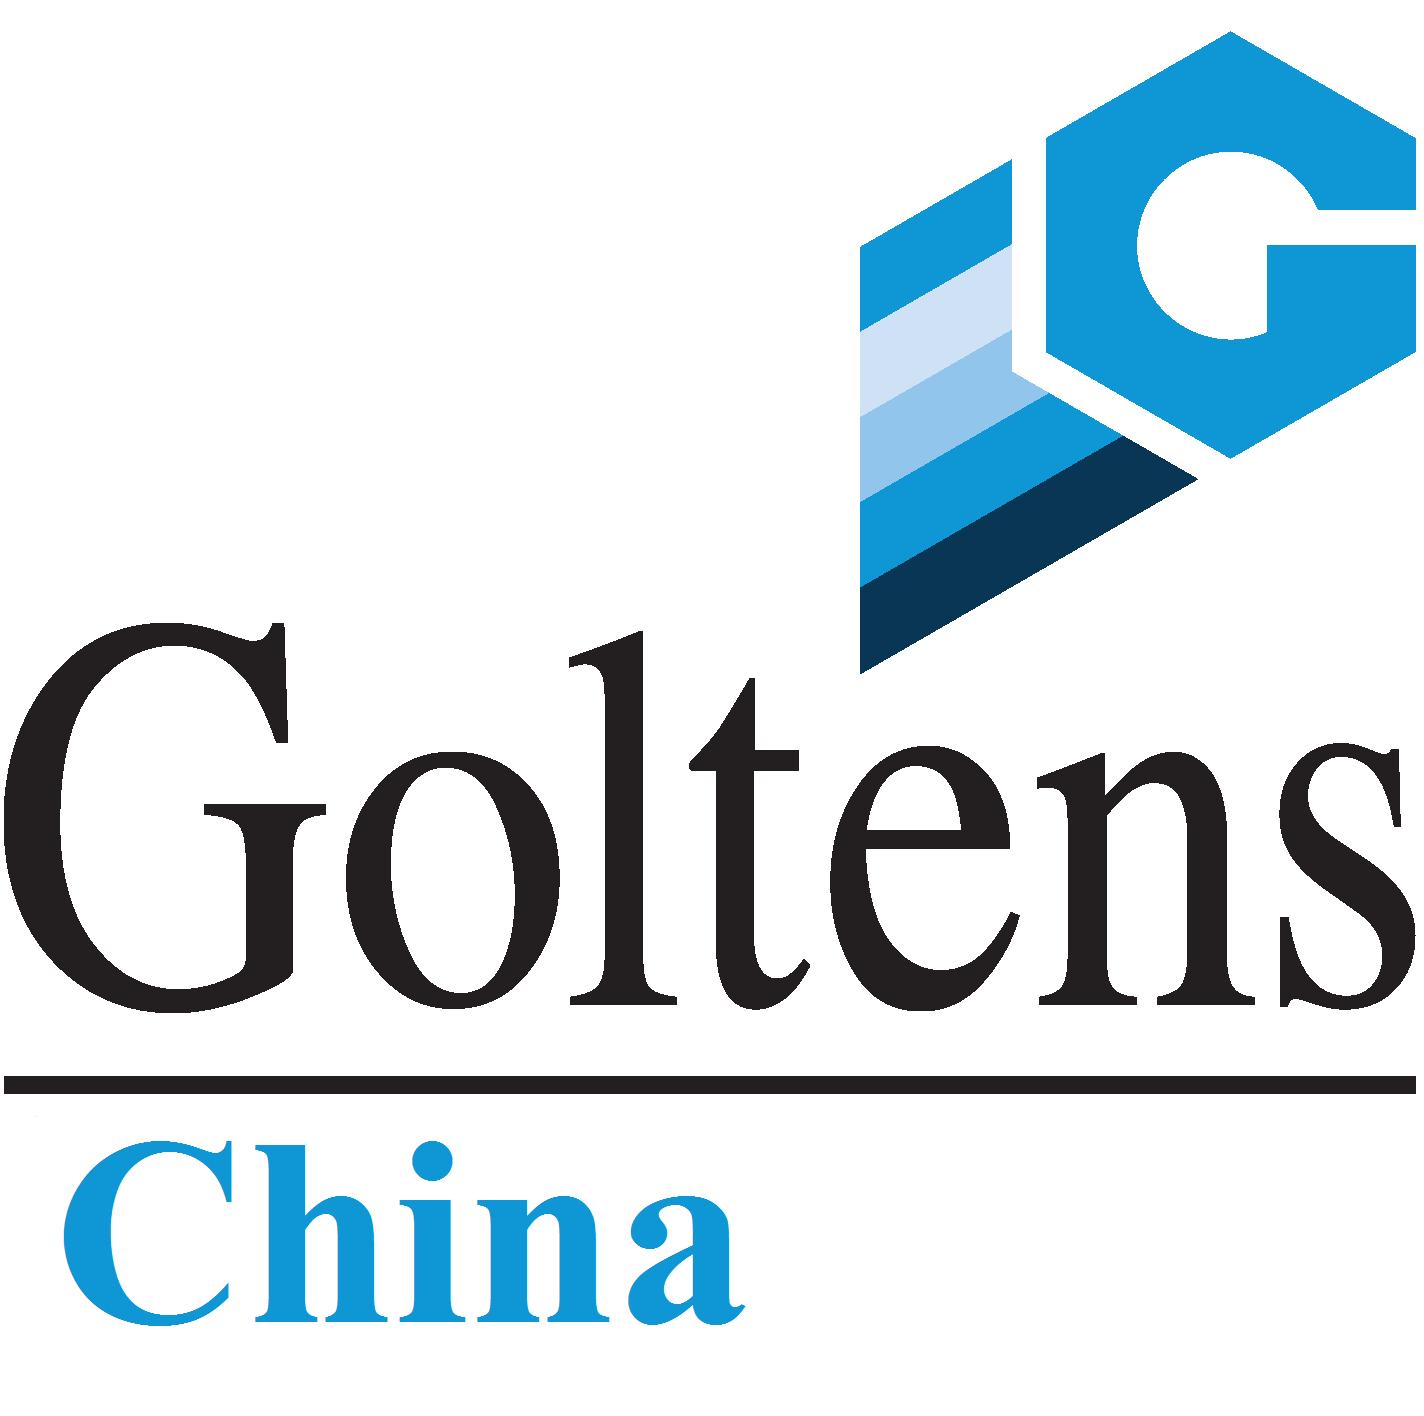 高爾登船舶工程(上海)有限公司最新招聘信息